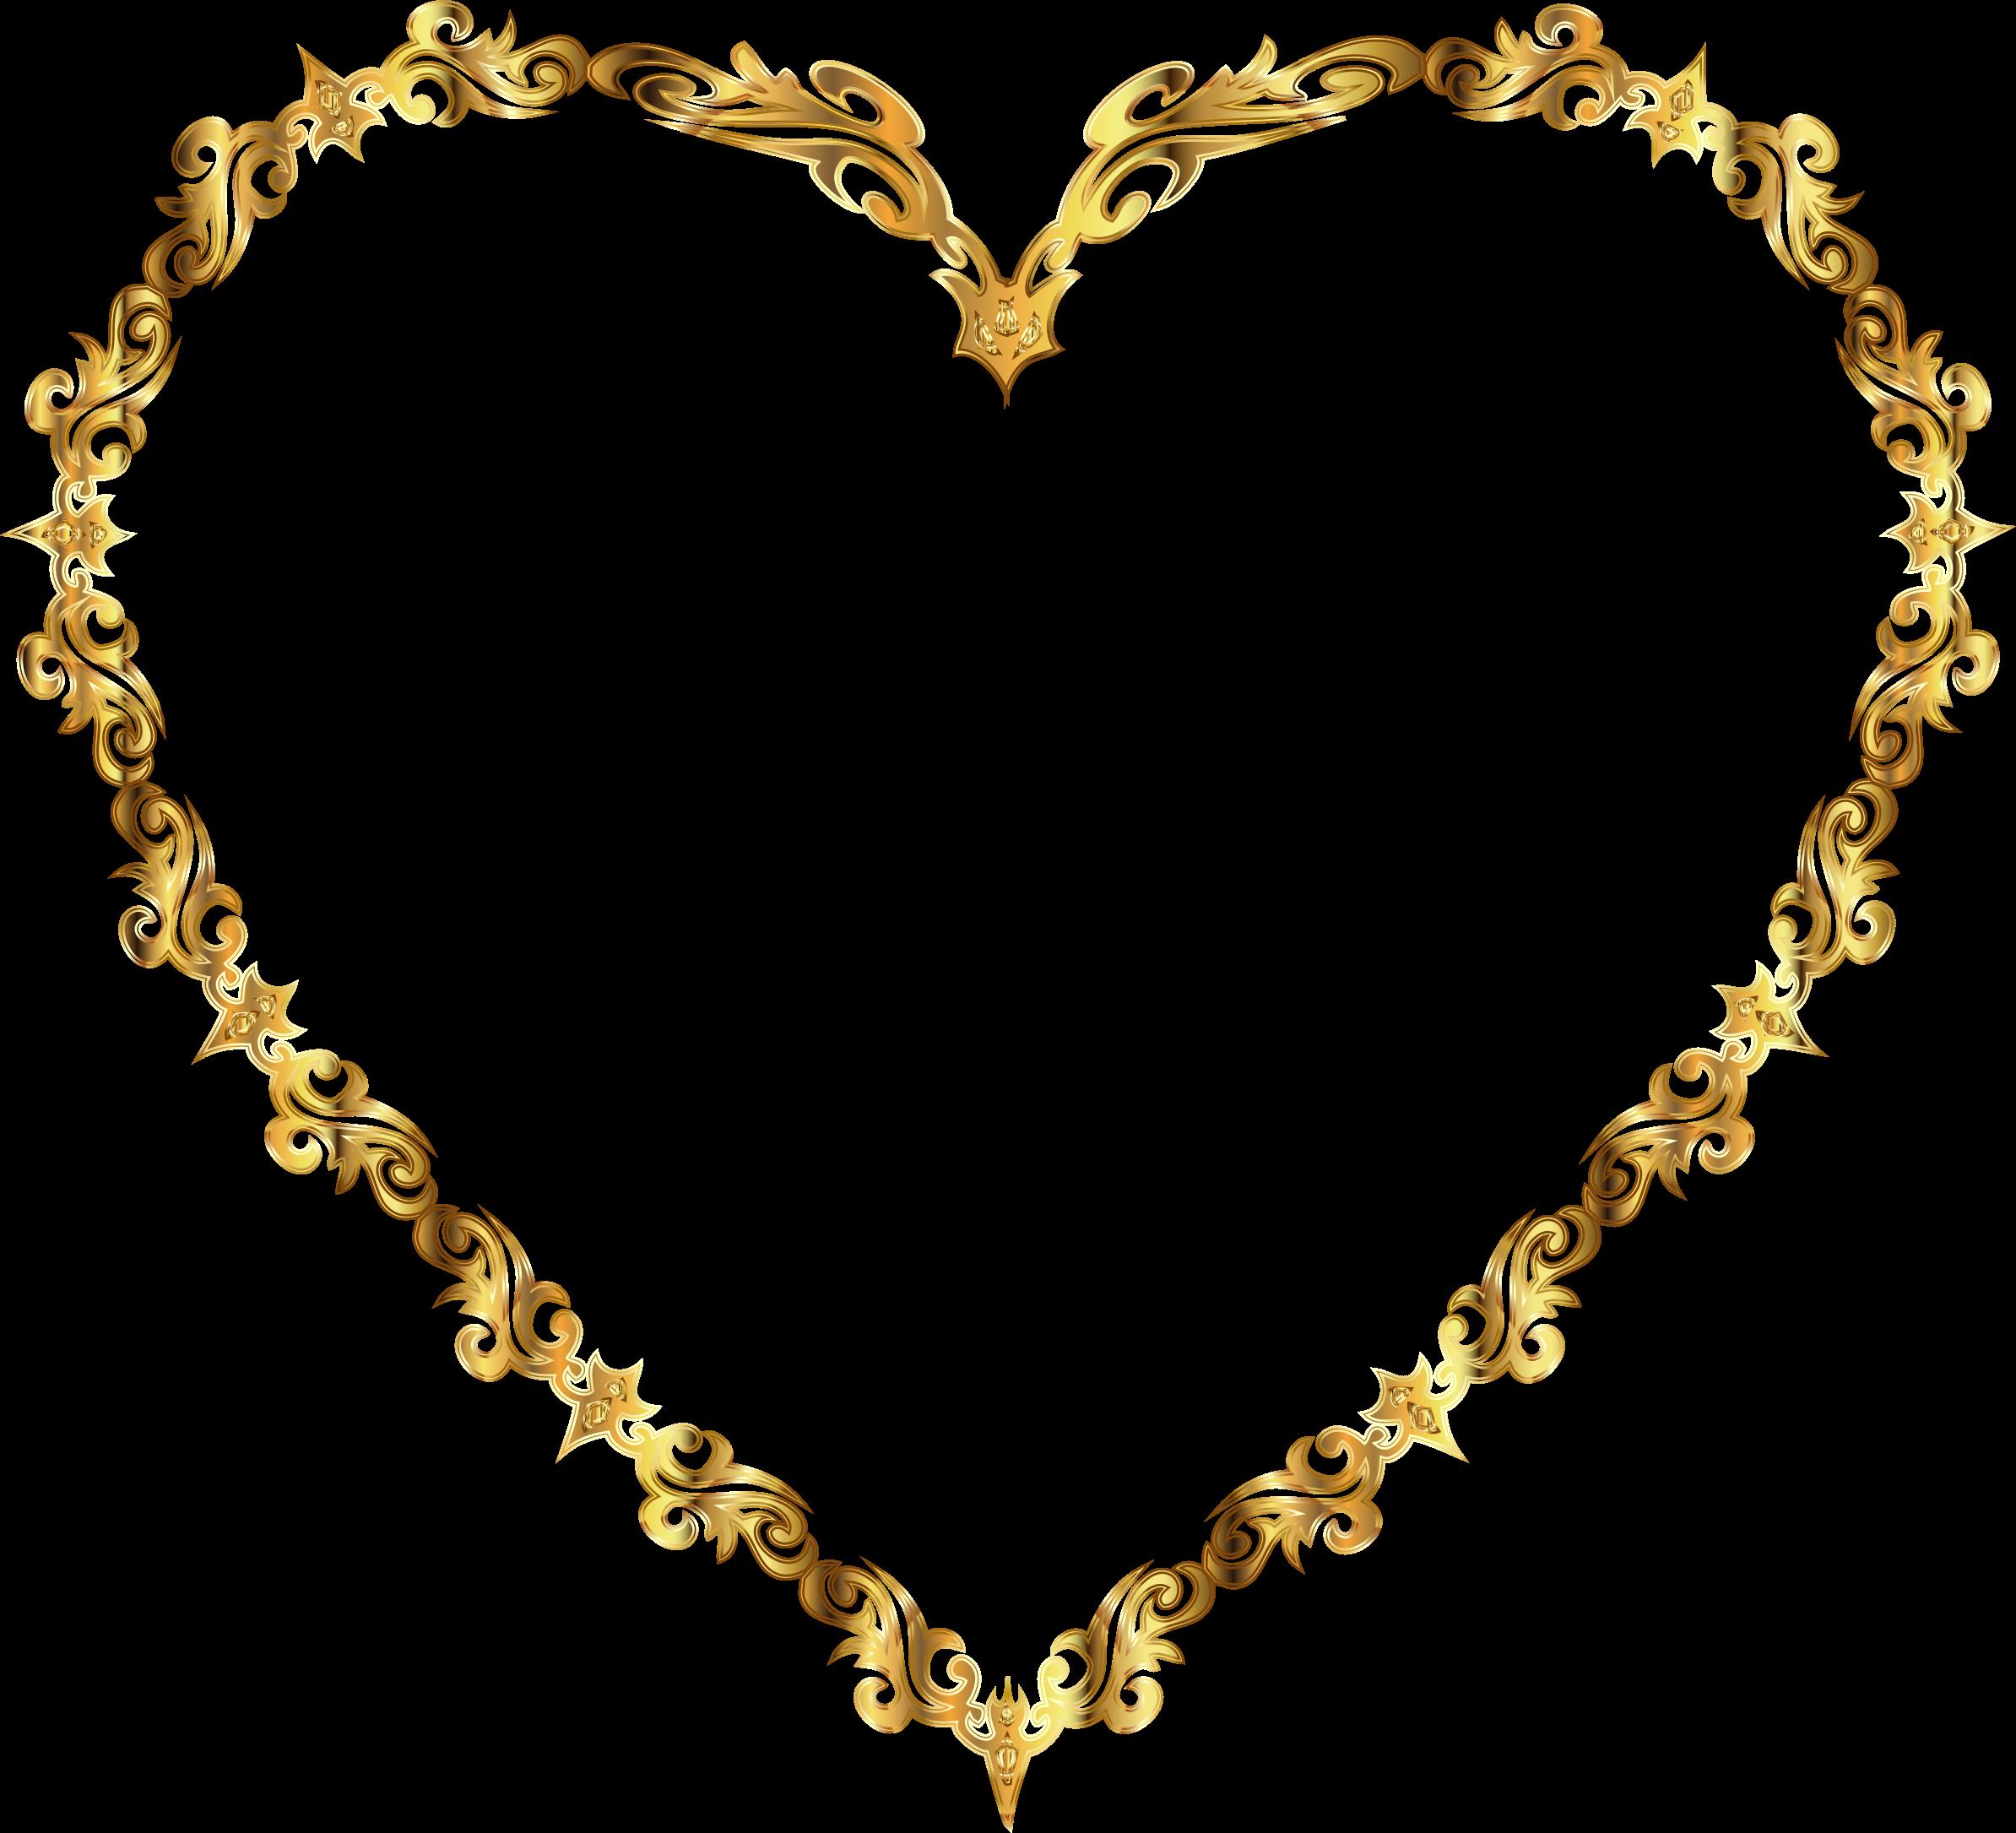 Fancy heart clipart graphic transparent stock Clipart - Colorful Fancy Decorative Line Art Heart 4 graphic transparent stock